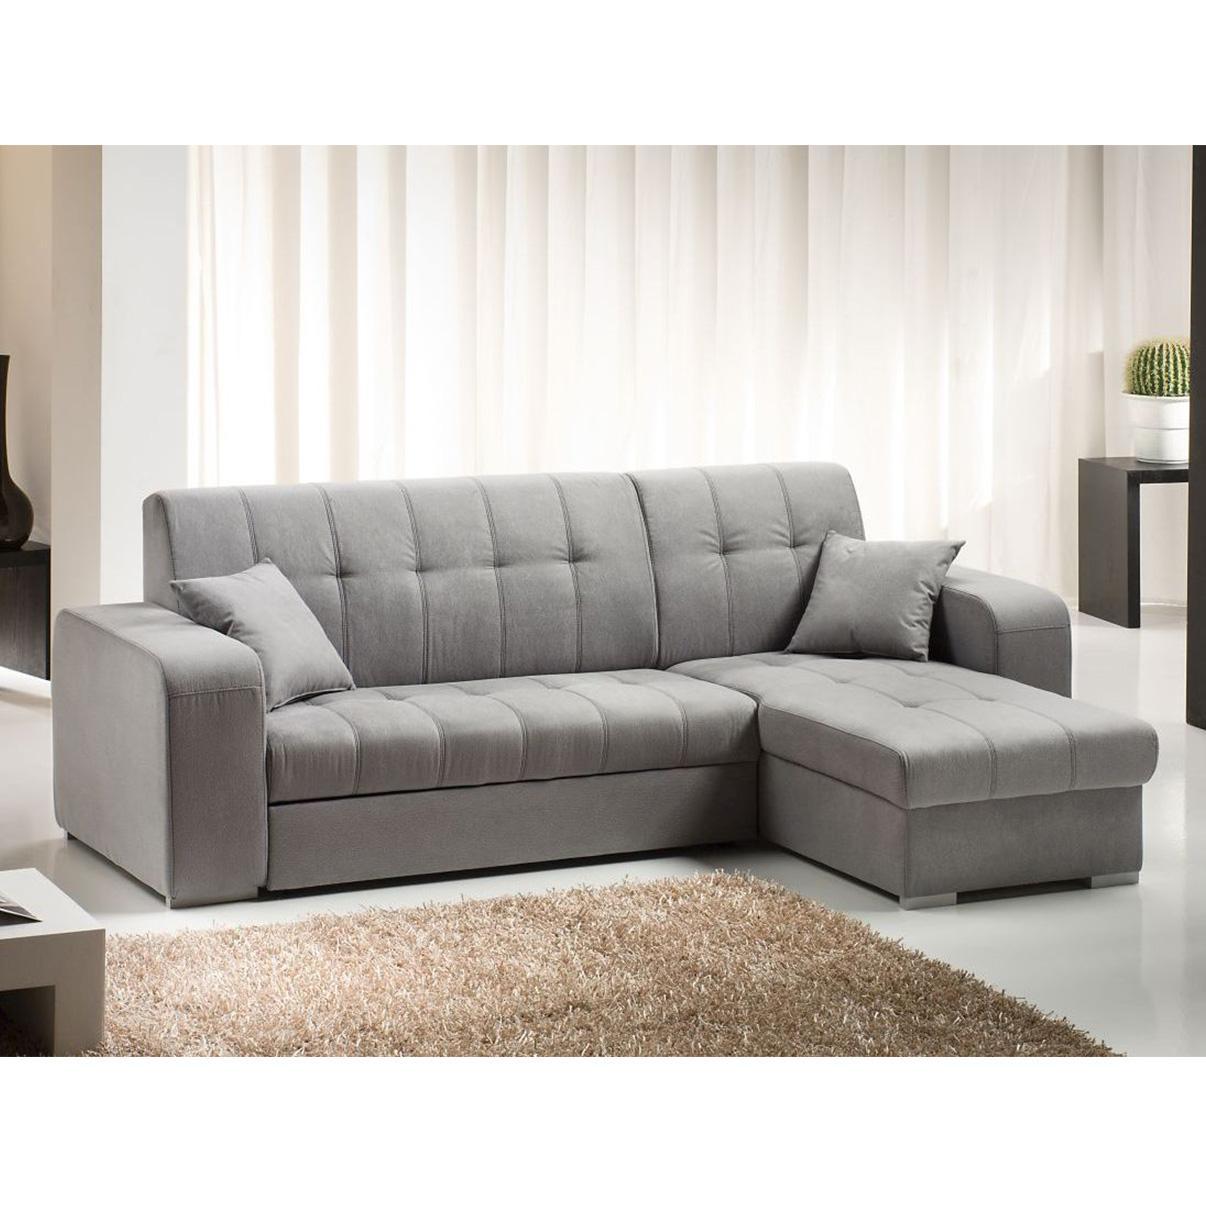 Vanessa divano letto angolare con penisola in tessuto for Divano letto a elle